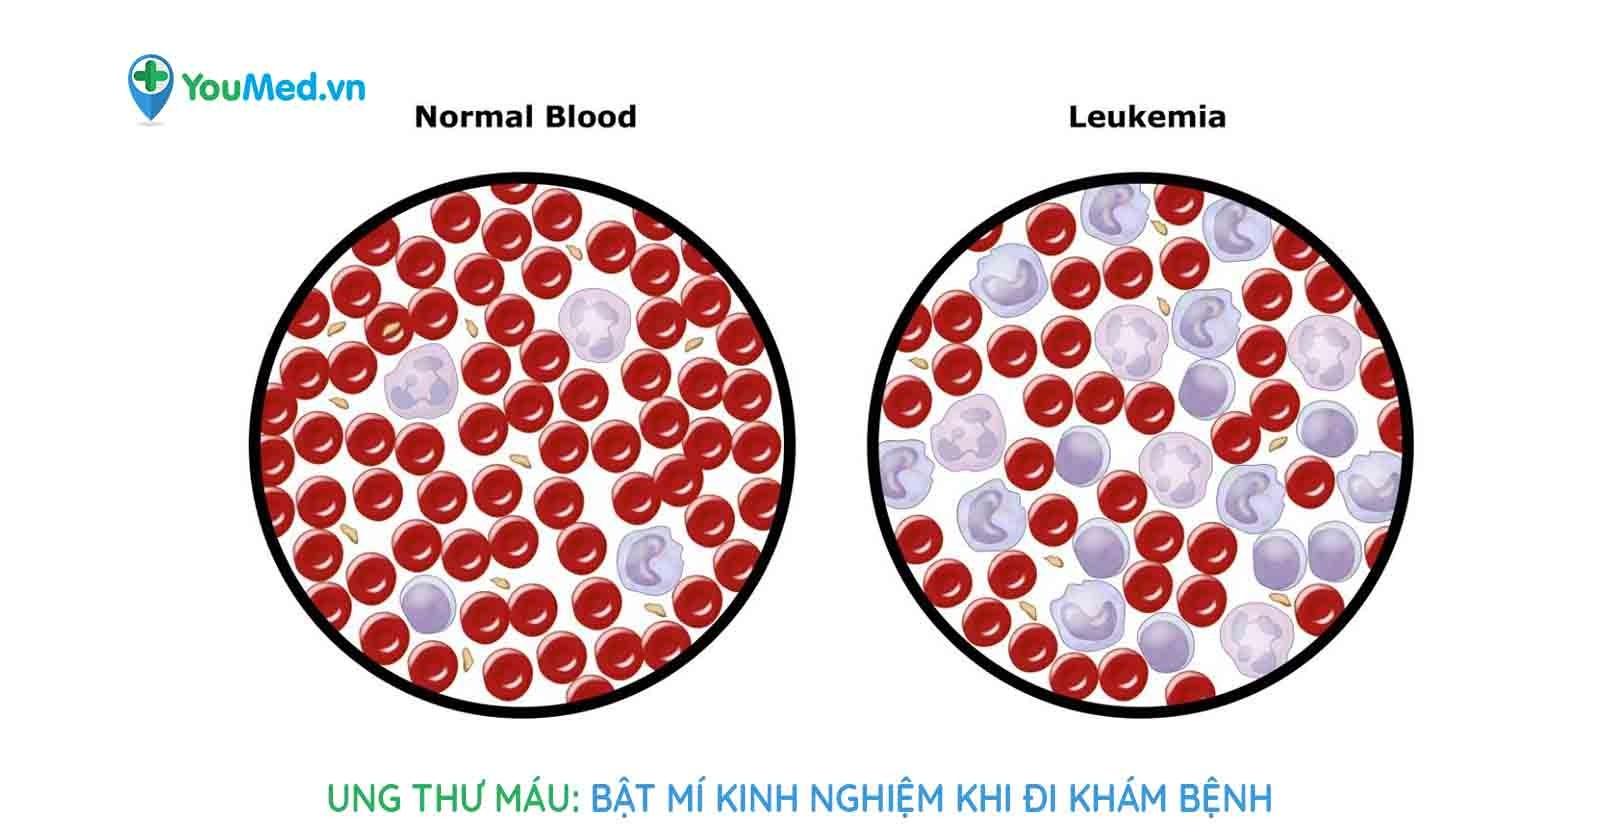 Ung thư máu: bật mí kinh nghiệm khi đi khám bệnh